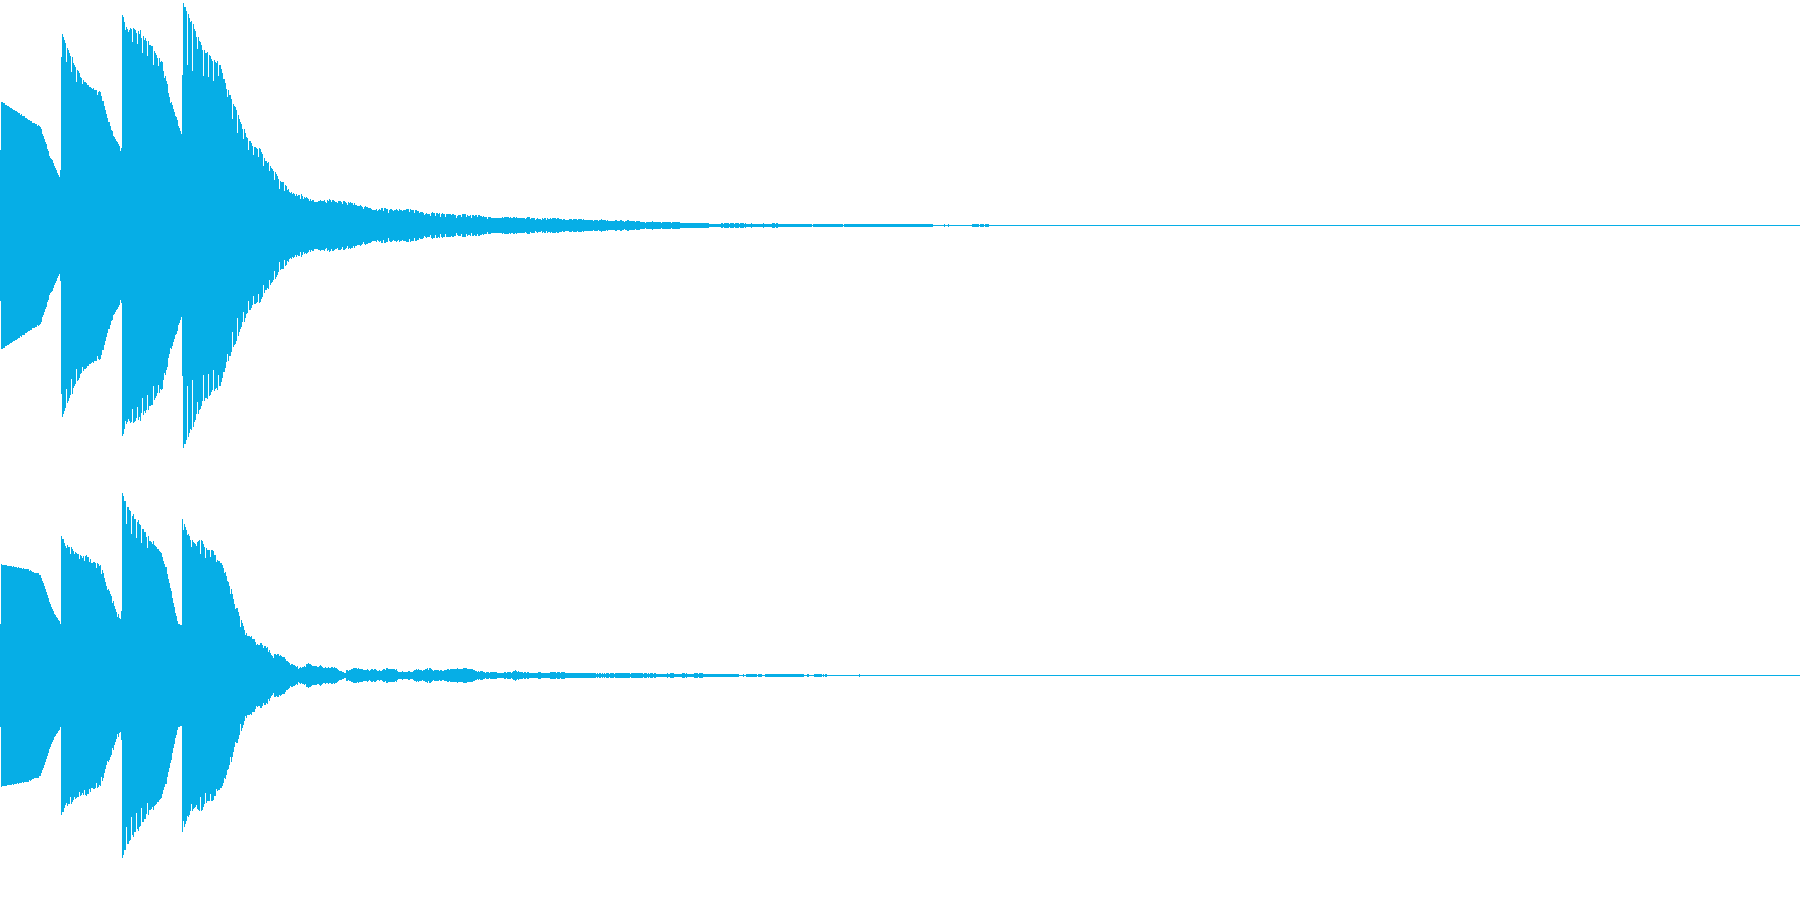 Quiz 美しい残響の正解ピンポン音 1の再生済みの波形